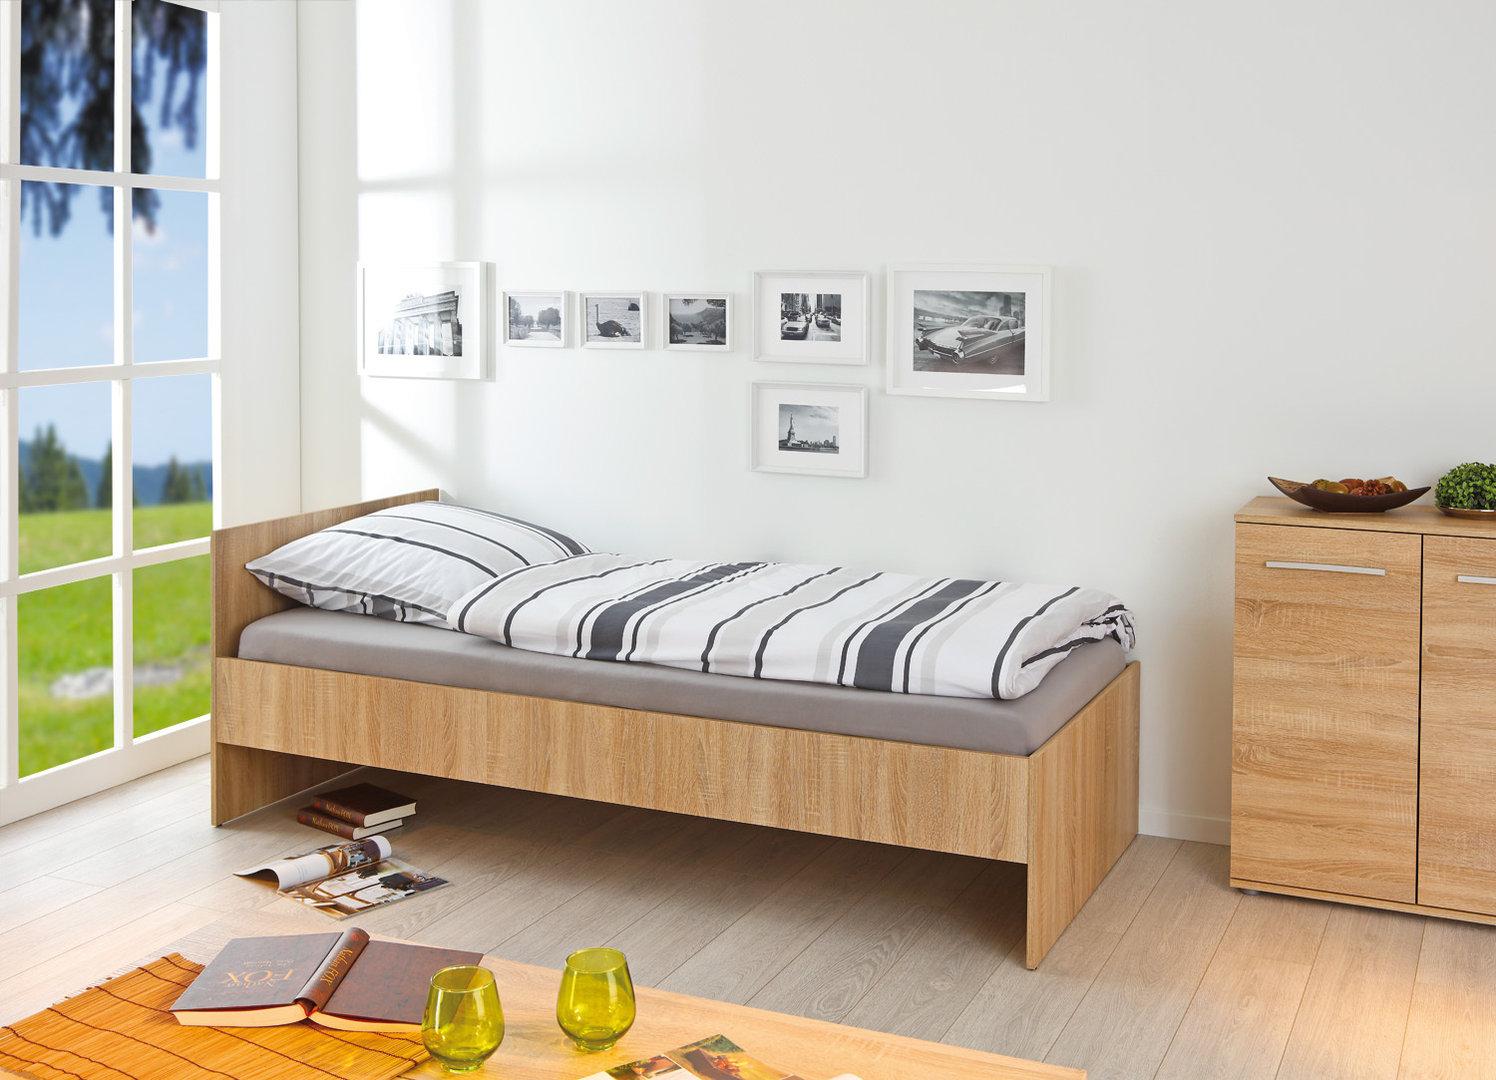 Letto singolo week bianco o rovere mobile moderno ad una piazza - Camera letto singolo ...